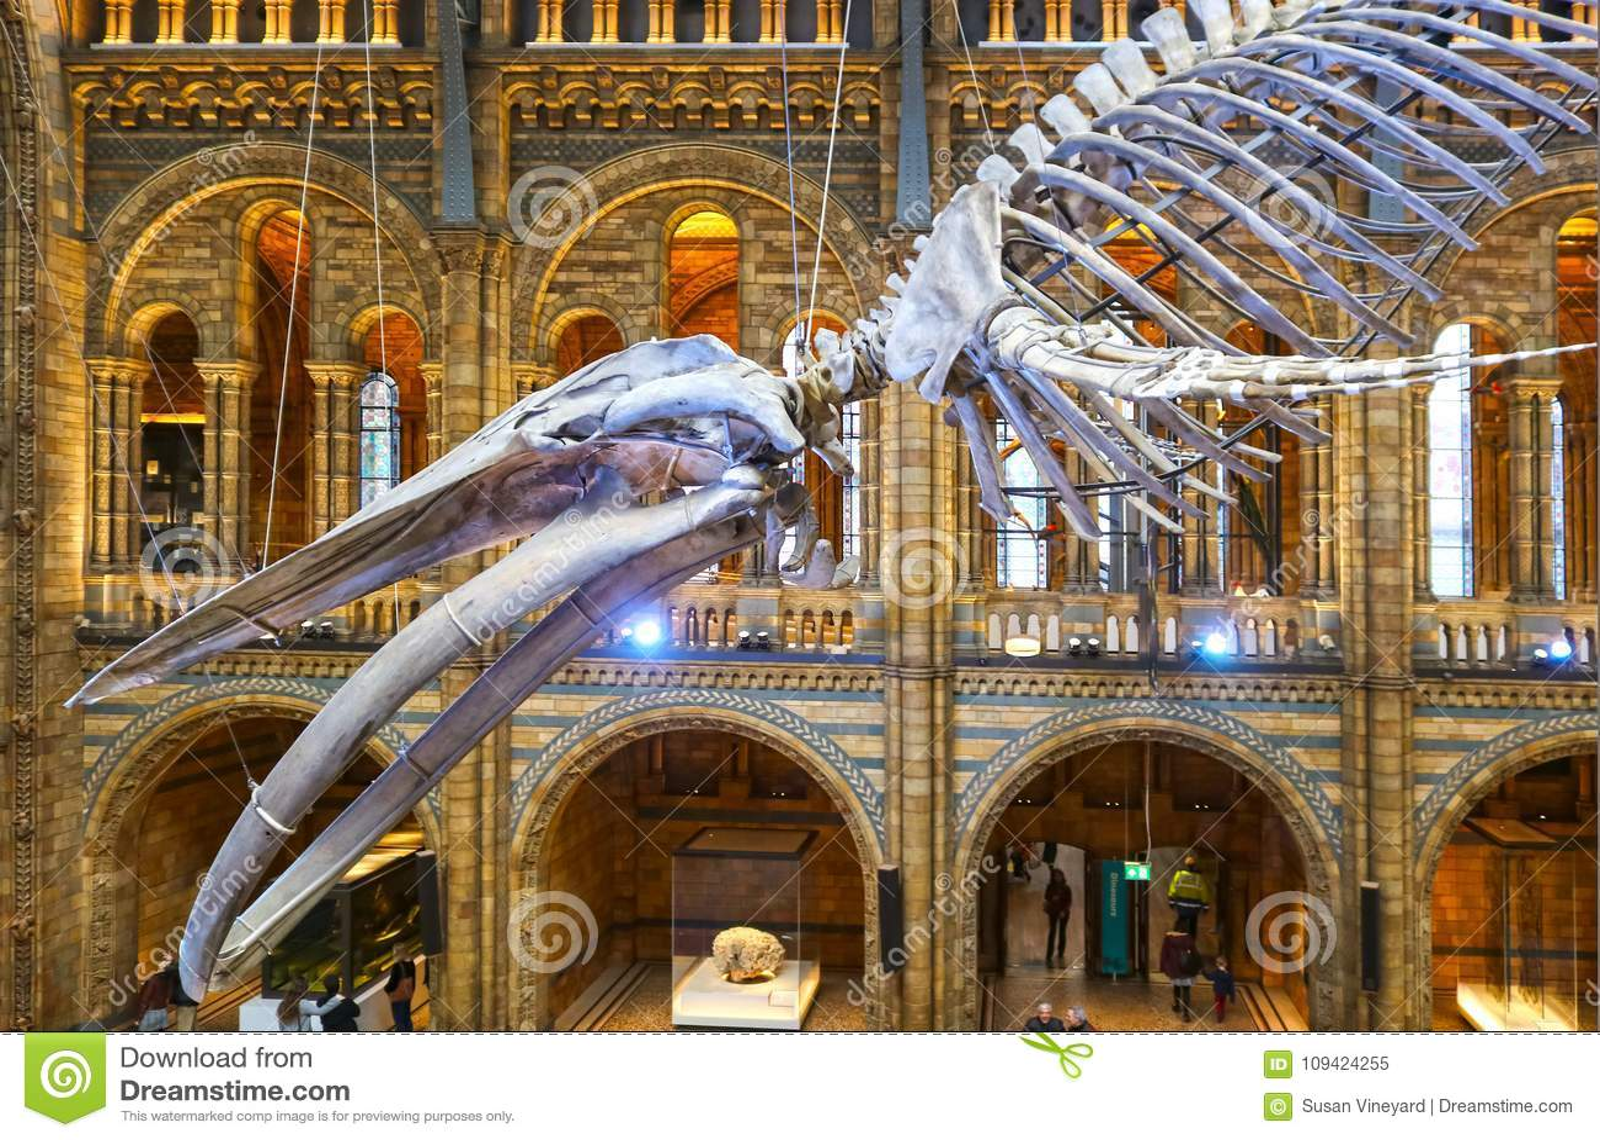 Смертная казнь через повешение синего кита каркасная в главной галерее музея естественной истории в Лондоне Великобритании - HDR